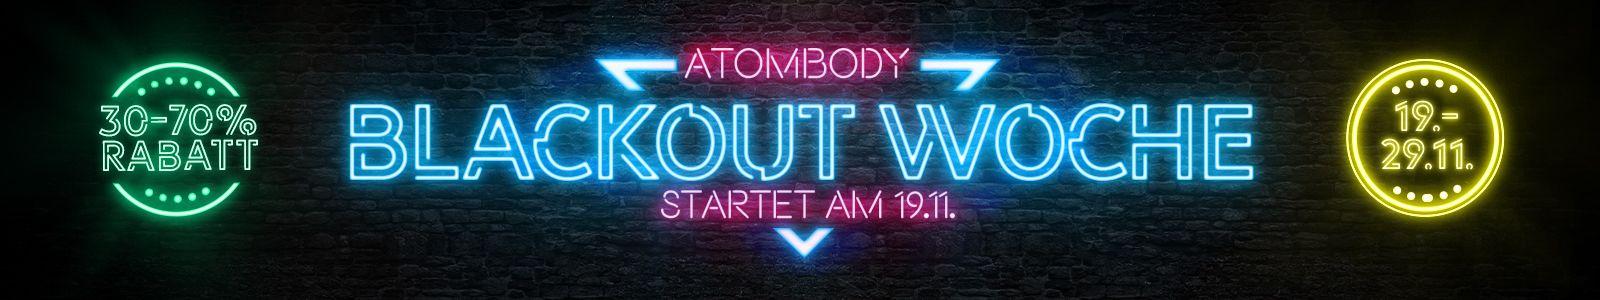 2019_11_19_atombody_sale_banner_1600x300px_blackout